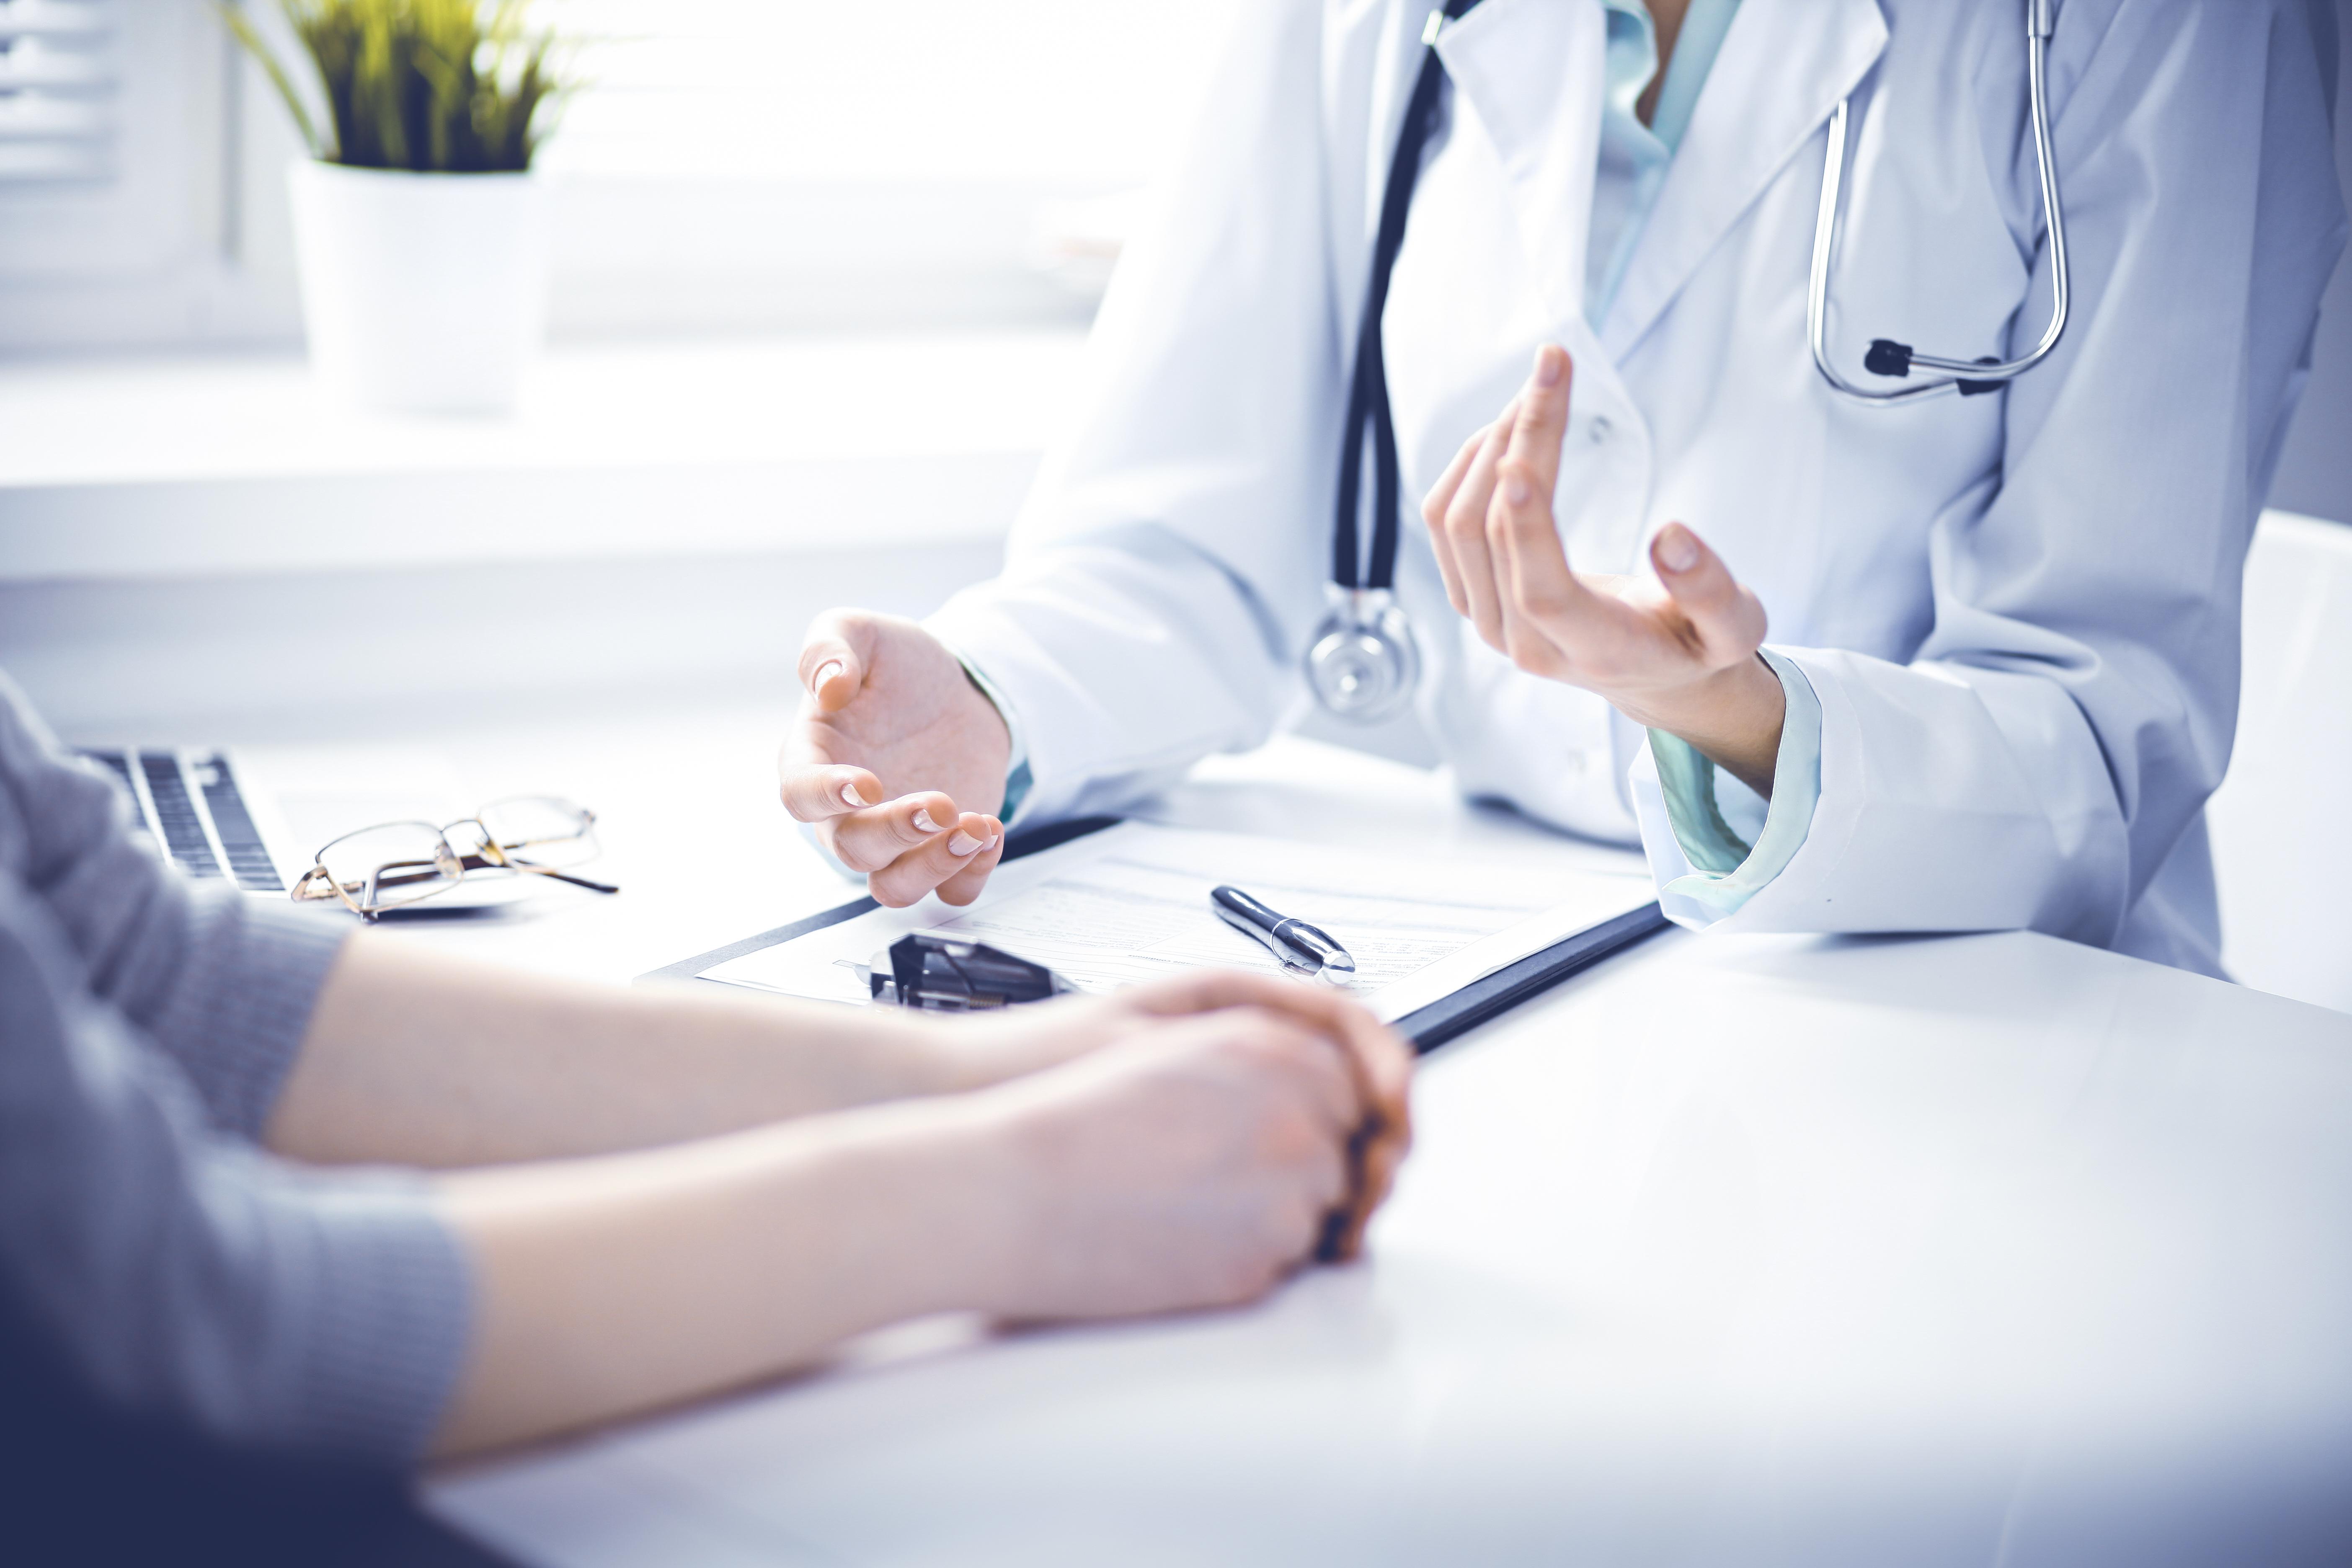 <p>9. Страдате от заболяване Честият глад може да бъде и симптом на болест. Първо, честият глад е класически признак на диабет. Това се случва в резултат на изключително високи нива на кръвната захар и обикновено се съпровожда от други симптоми, включително прекомерна жажда, загуба на тегло и умора. Хипертиреоидизмът, състояние, характеризиращо се с прекомерна активност на щитовидната жлеза също е свързано с повишен глад. Това е така, защото причинява излишна продукция на тиреоидни хормони, за които се знае, че повишават апетита.</p>